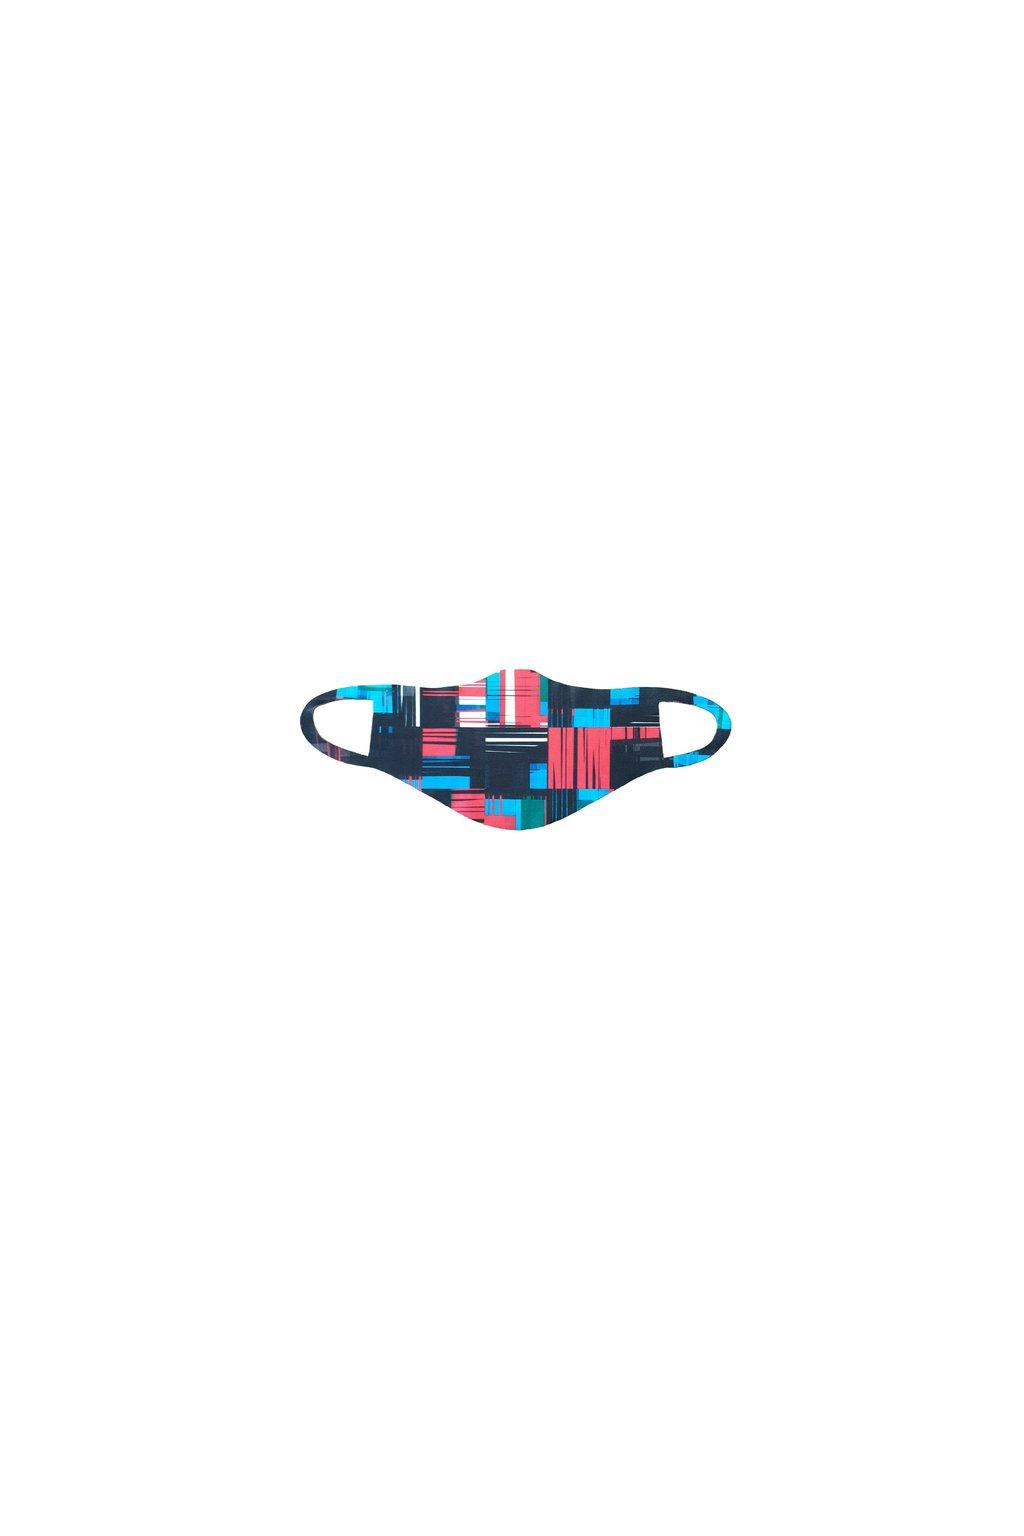 Maska Higieniczna Krado MOH 11S1 18134 679x706